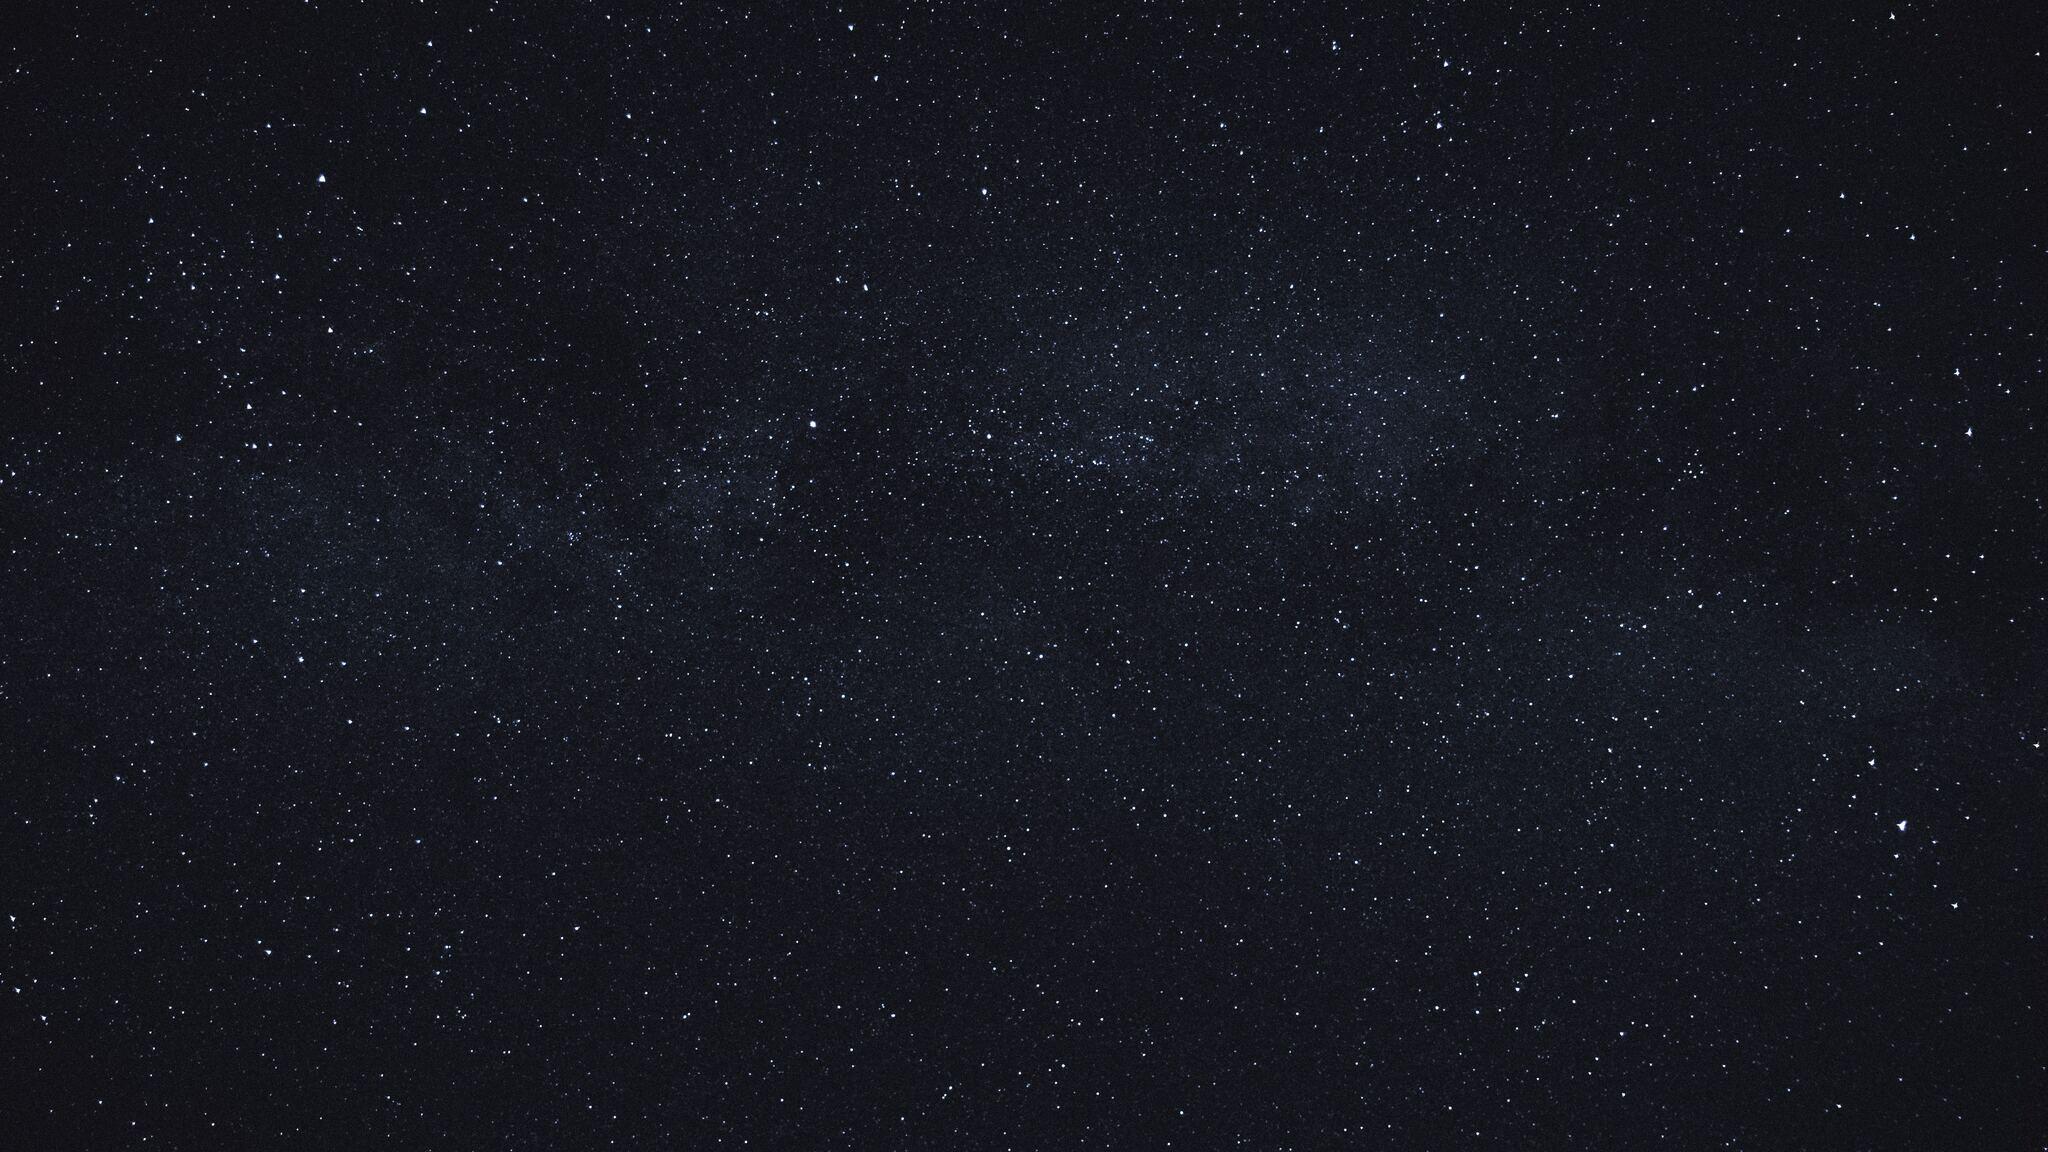 2048x1152 Dark Milky Way Galaxy 5k 2048x1152 Resolution Hd